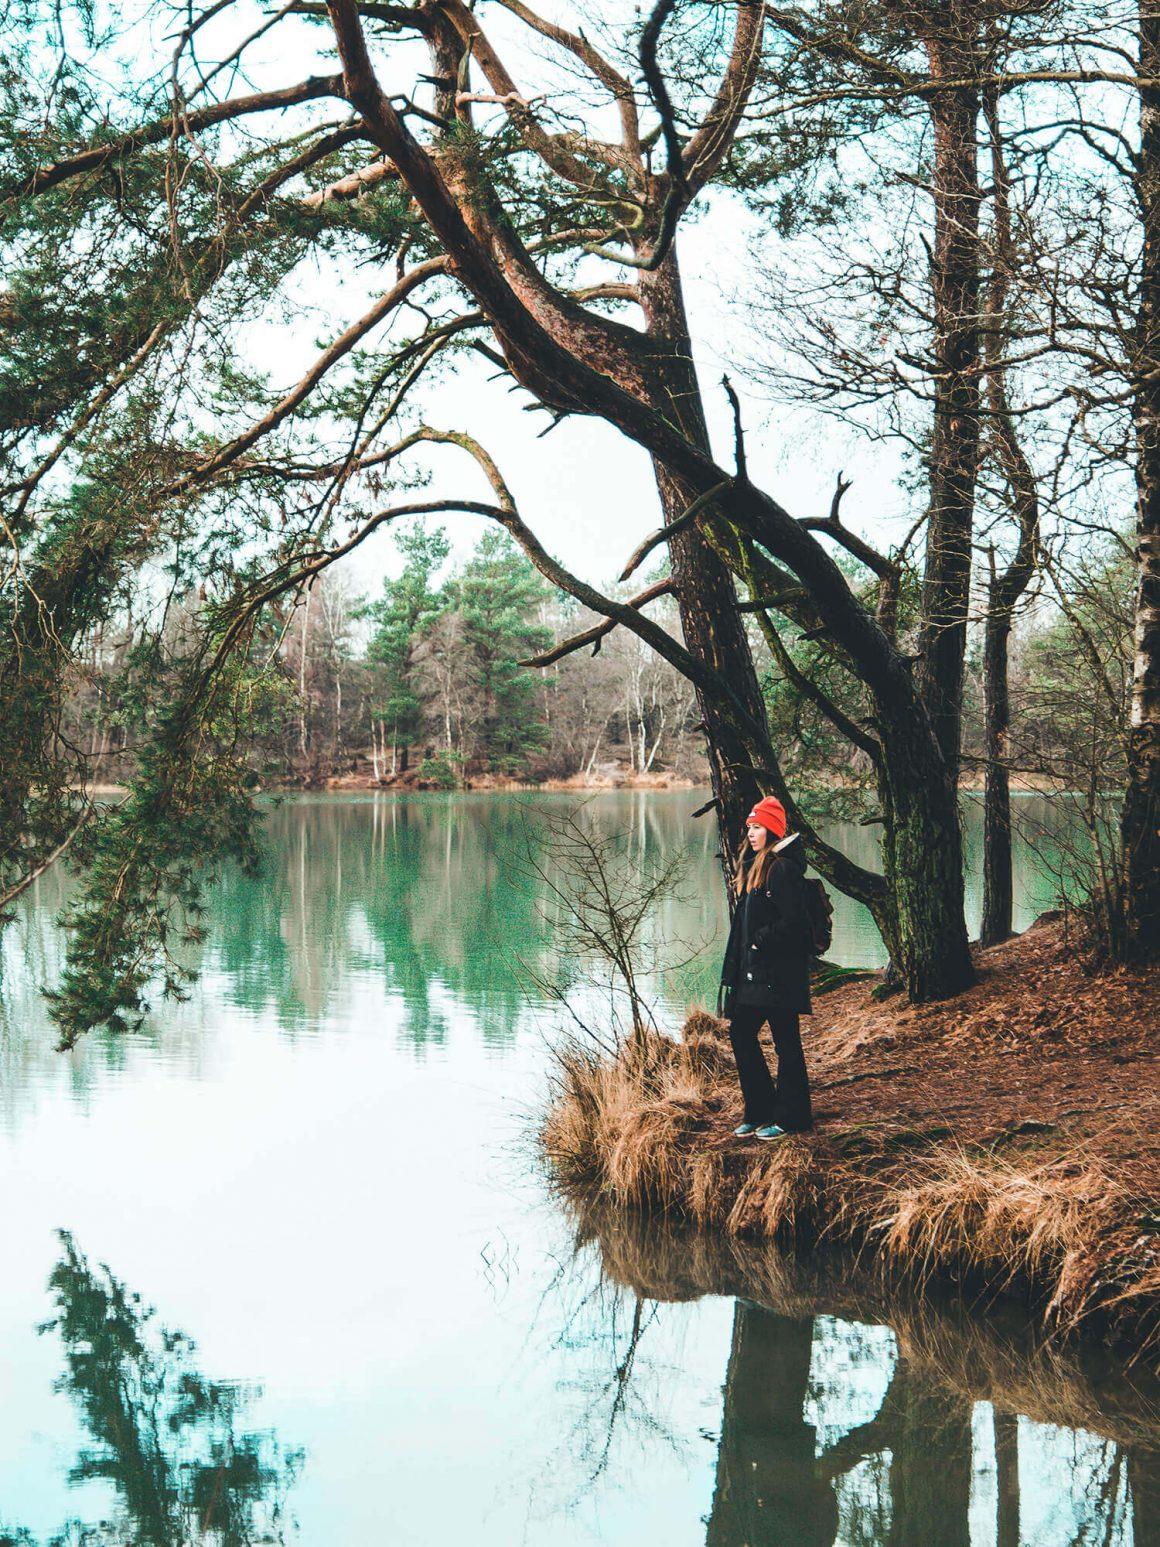 Blauwe meer op de achtergrond van wandelaar